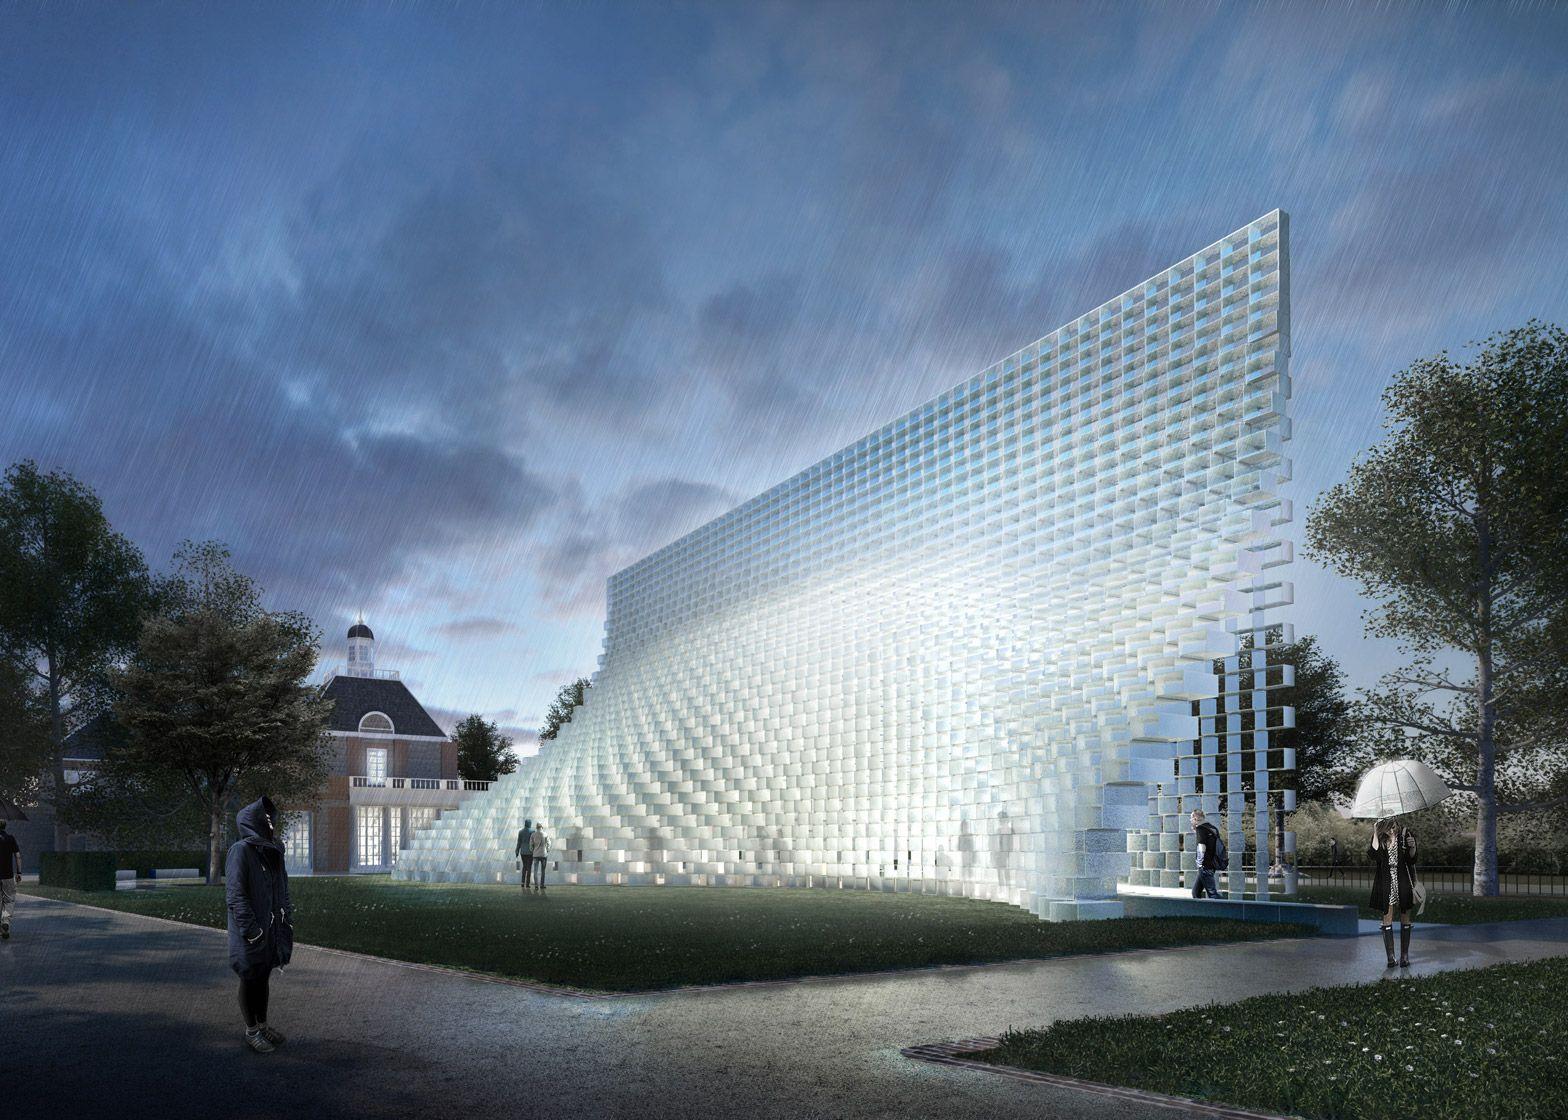 Bjarke Ingel's 2016 Serpentine Gallery Pavilion unveiled